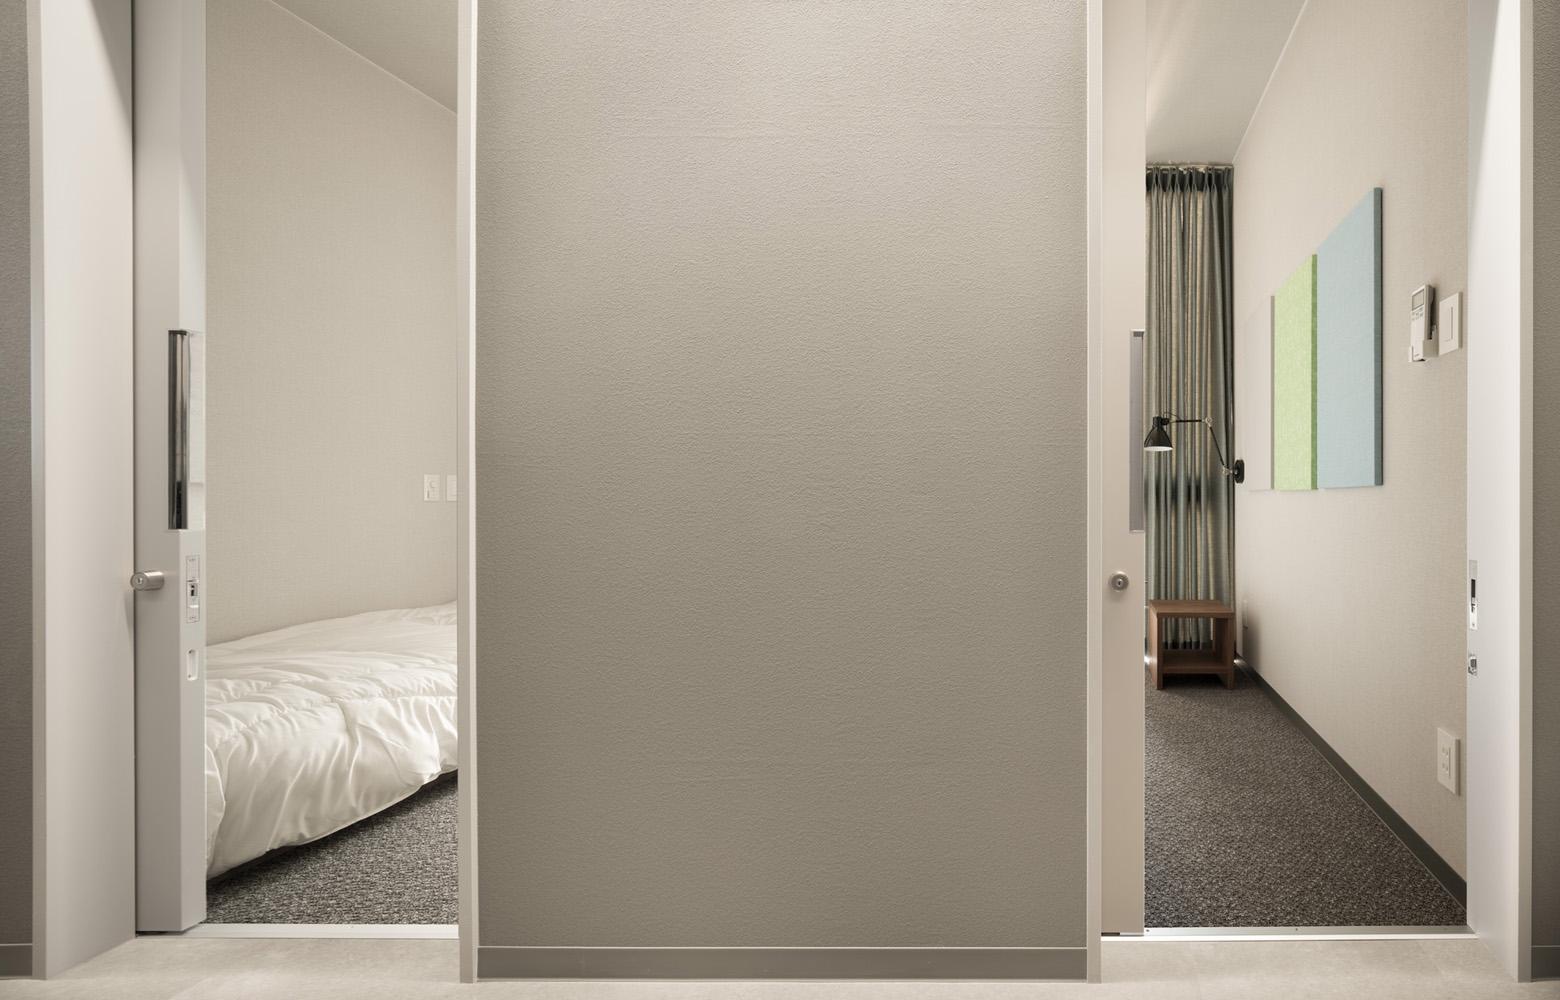 ベイラインエクスプレス株式会社 Sleeping Room_2 デザイン・レイアウト事例